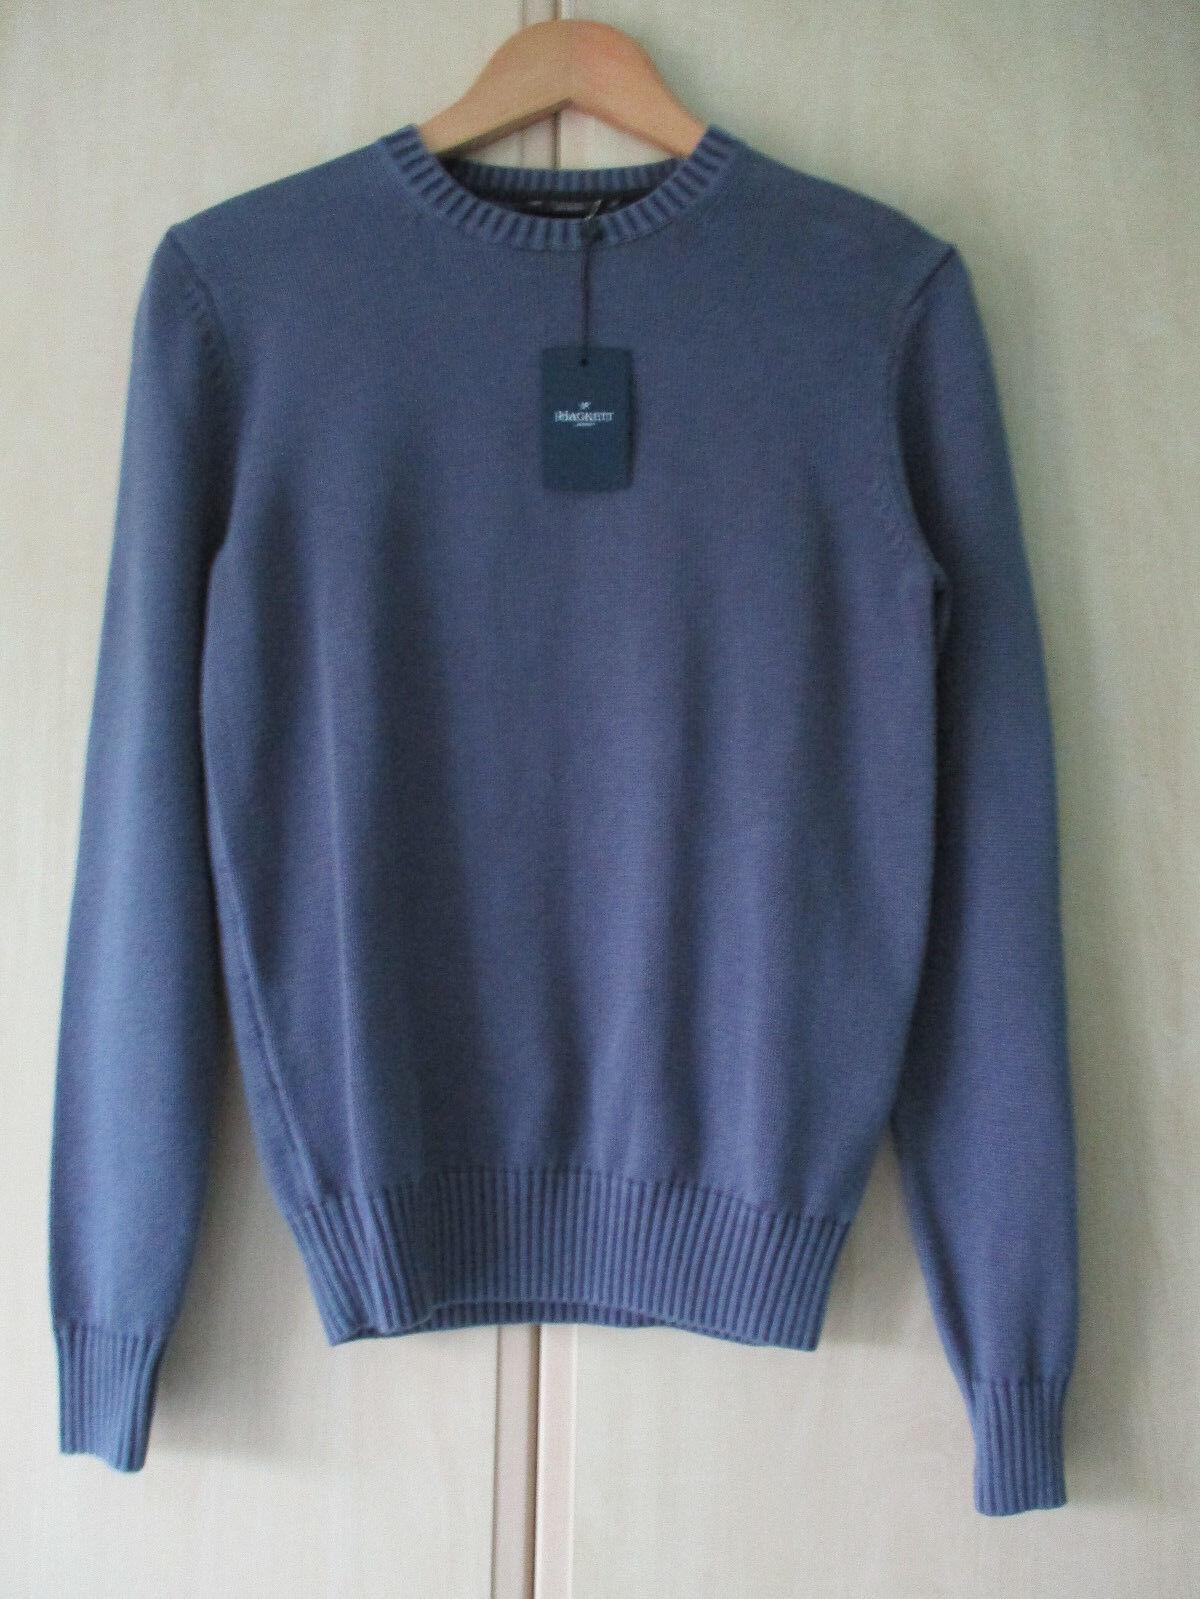 Homme En Hackett Xs Ras Étiquettes Du Taille Bleu Original Pull Coton Neuf Cou Avec qqgd5wr